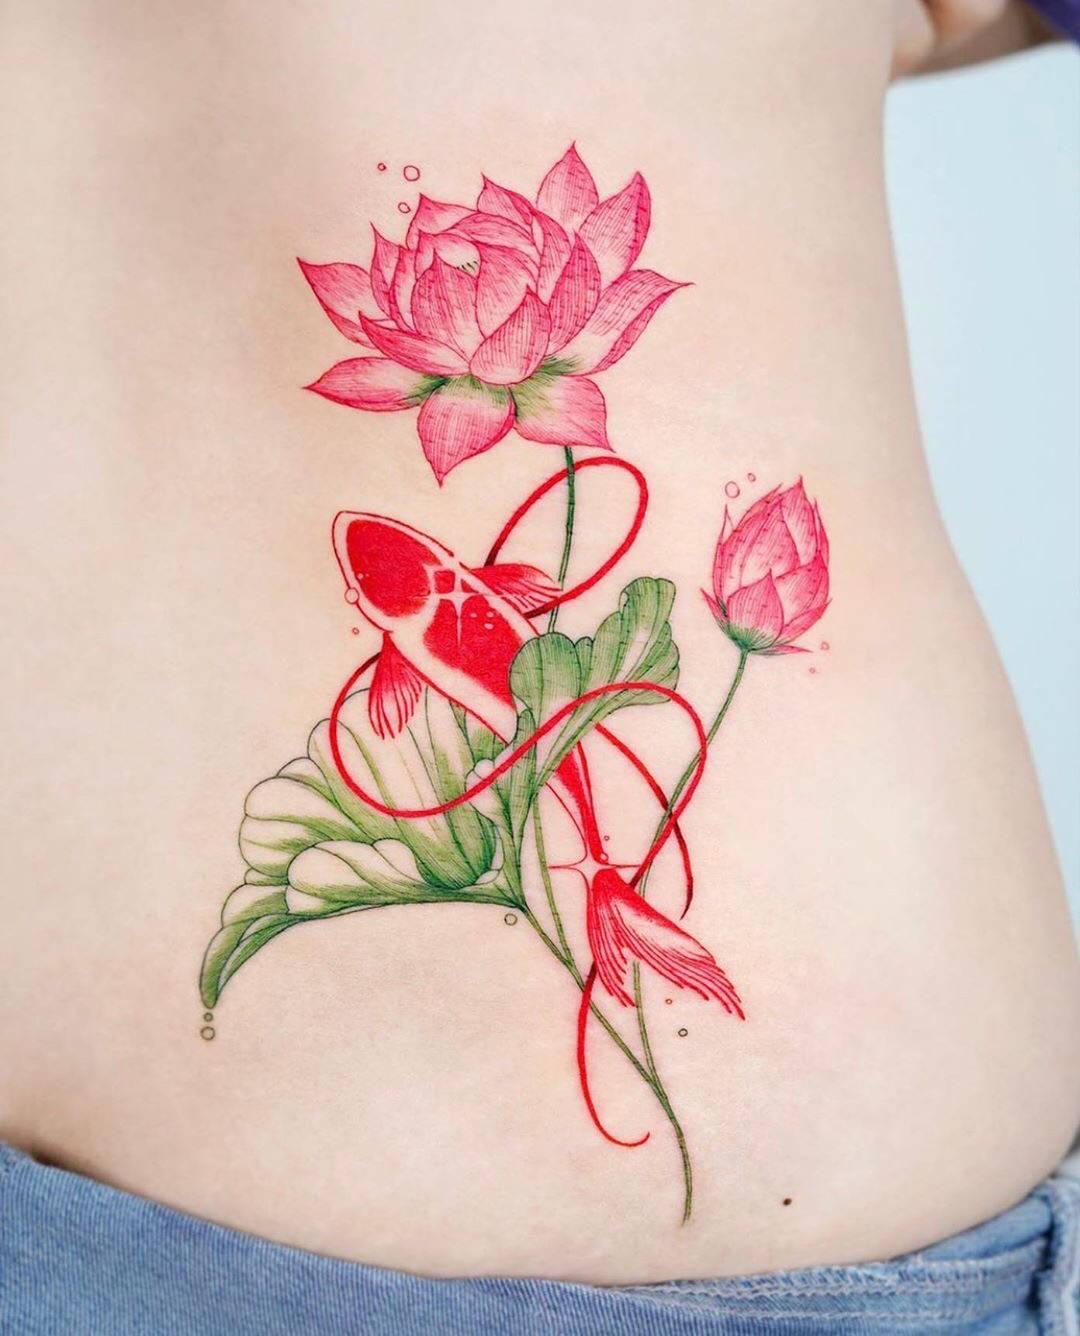 女生小纹身图案,精致唯美的小纹身,适合女生的纹身图案图片